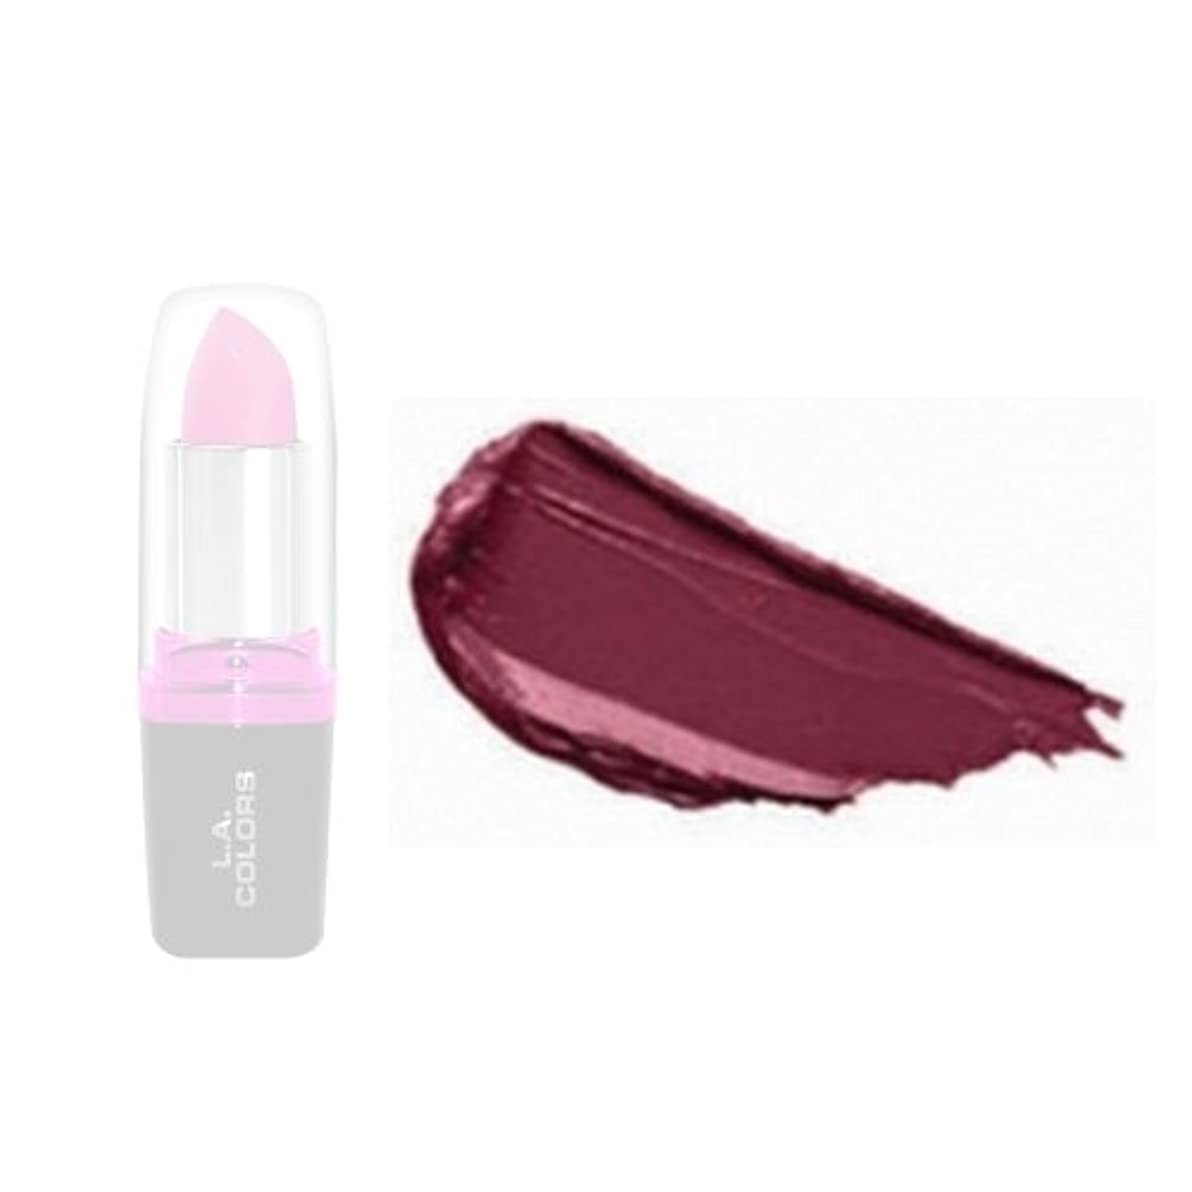 合併症失態ブラインドLA Colors Hydrating Lipstick - Merlot (並行輸入品)